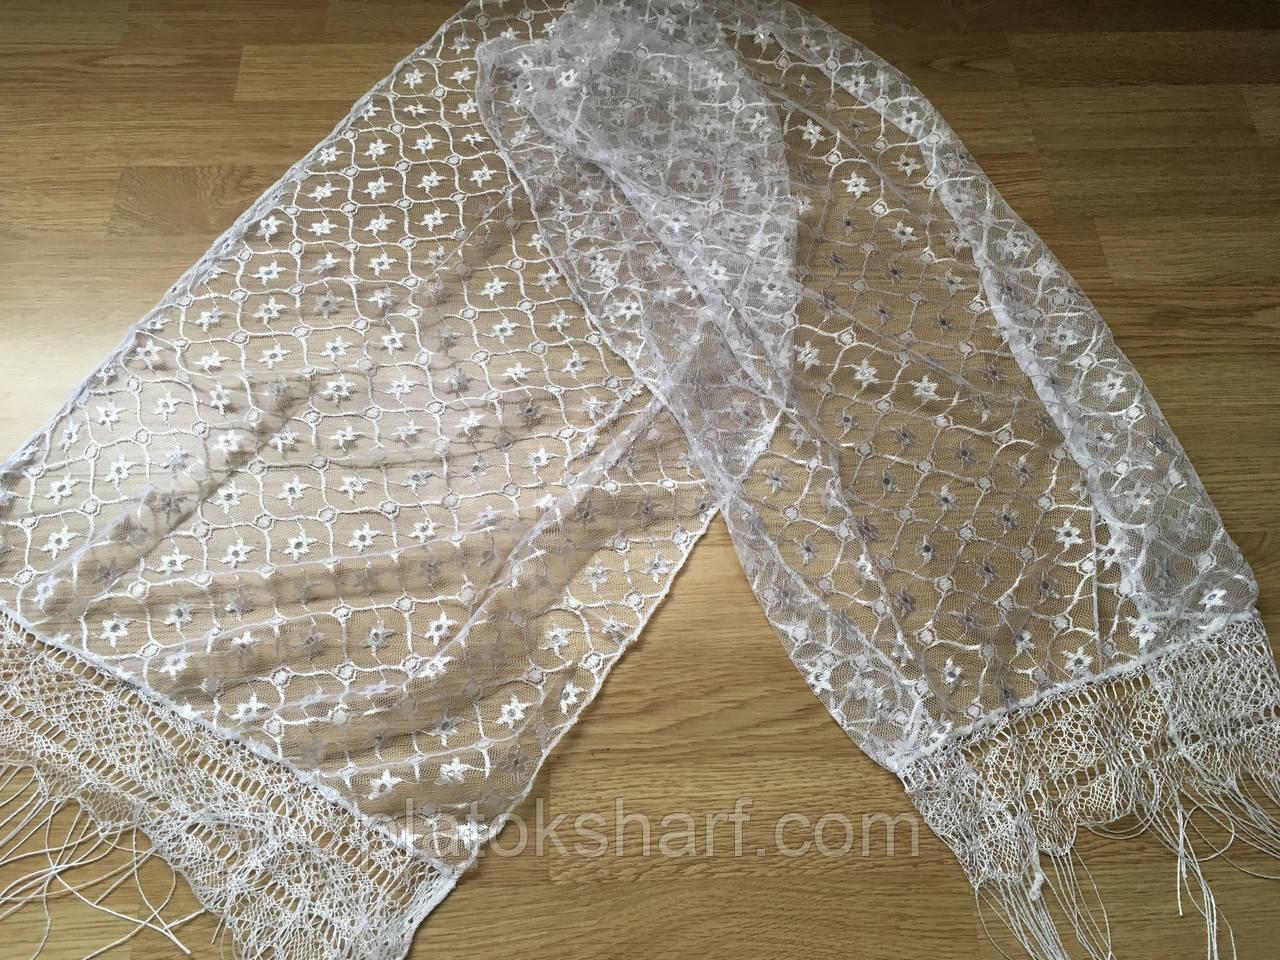 Шарфы, женские шарфы Белые с блестком в ассортименте